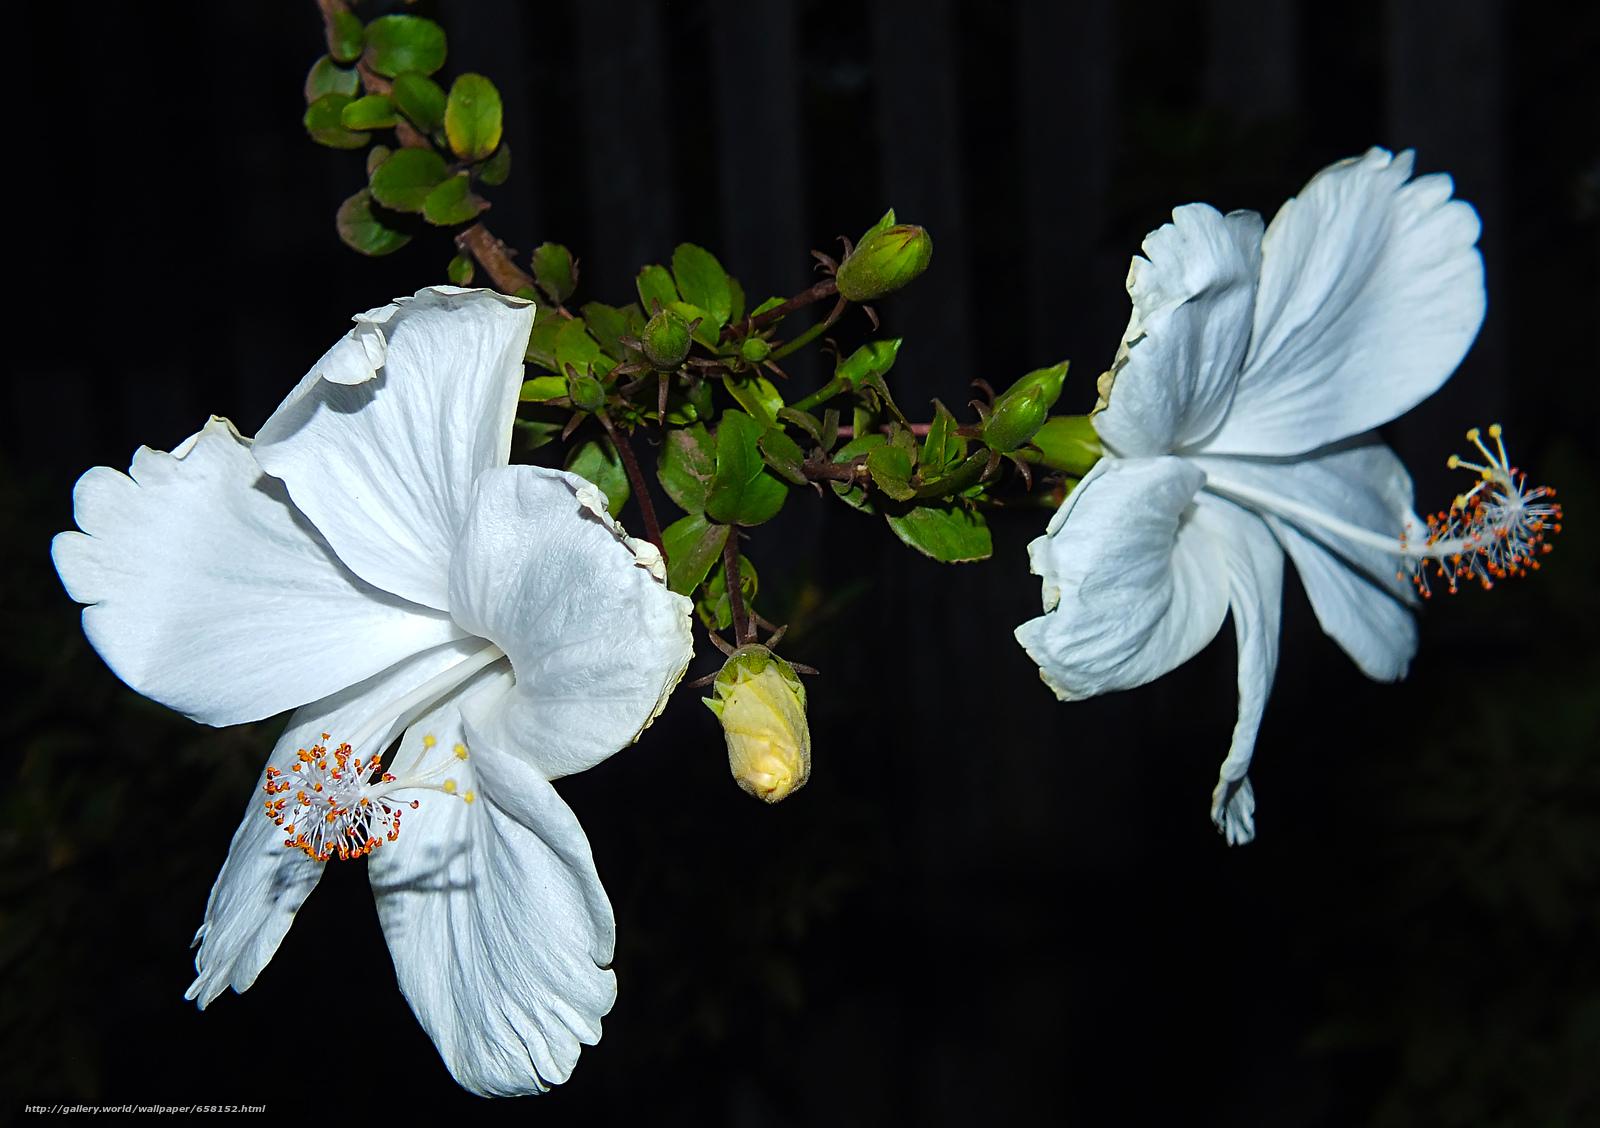 Tlcharger Fond d'ecran hibiscus,  Hibiscus,  Fleurs,  fleur Fonds d'ecran gratuits pour votre rsolution du bureau 4608x3248 — image №658152